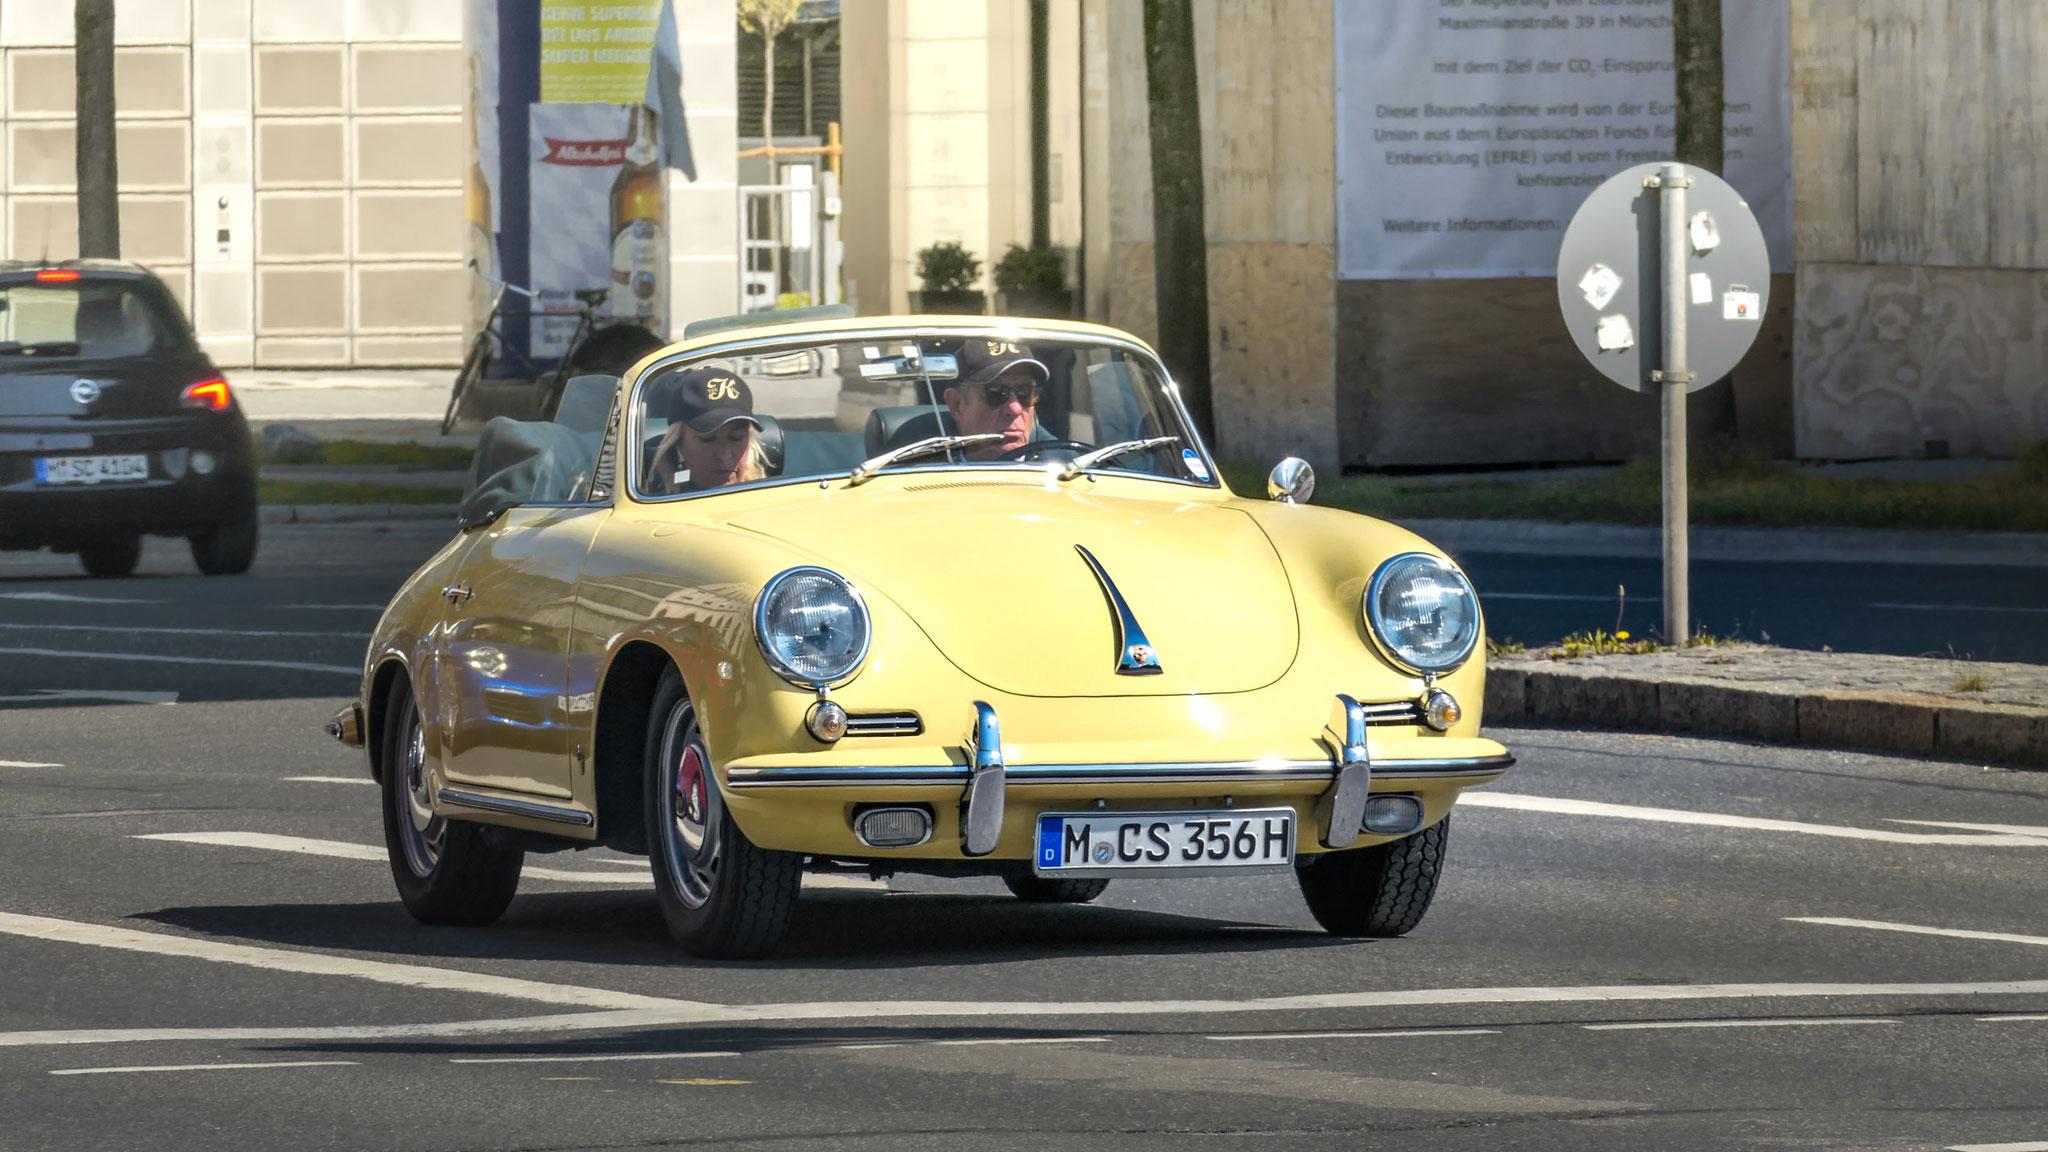 Porsche 356 SC - M-CS-356H